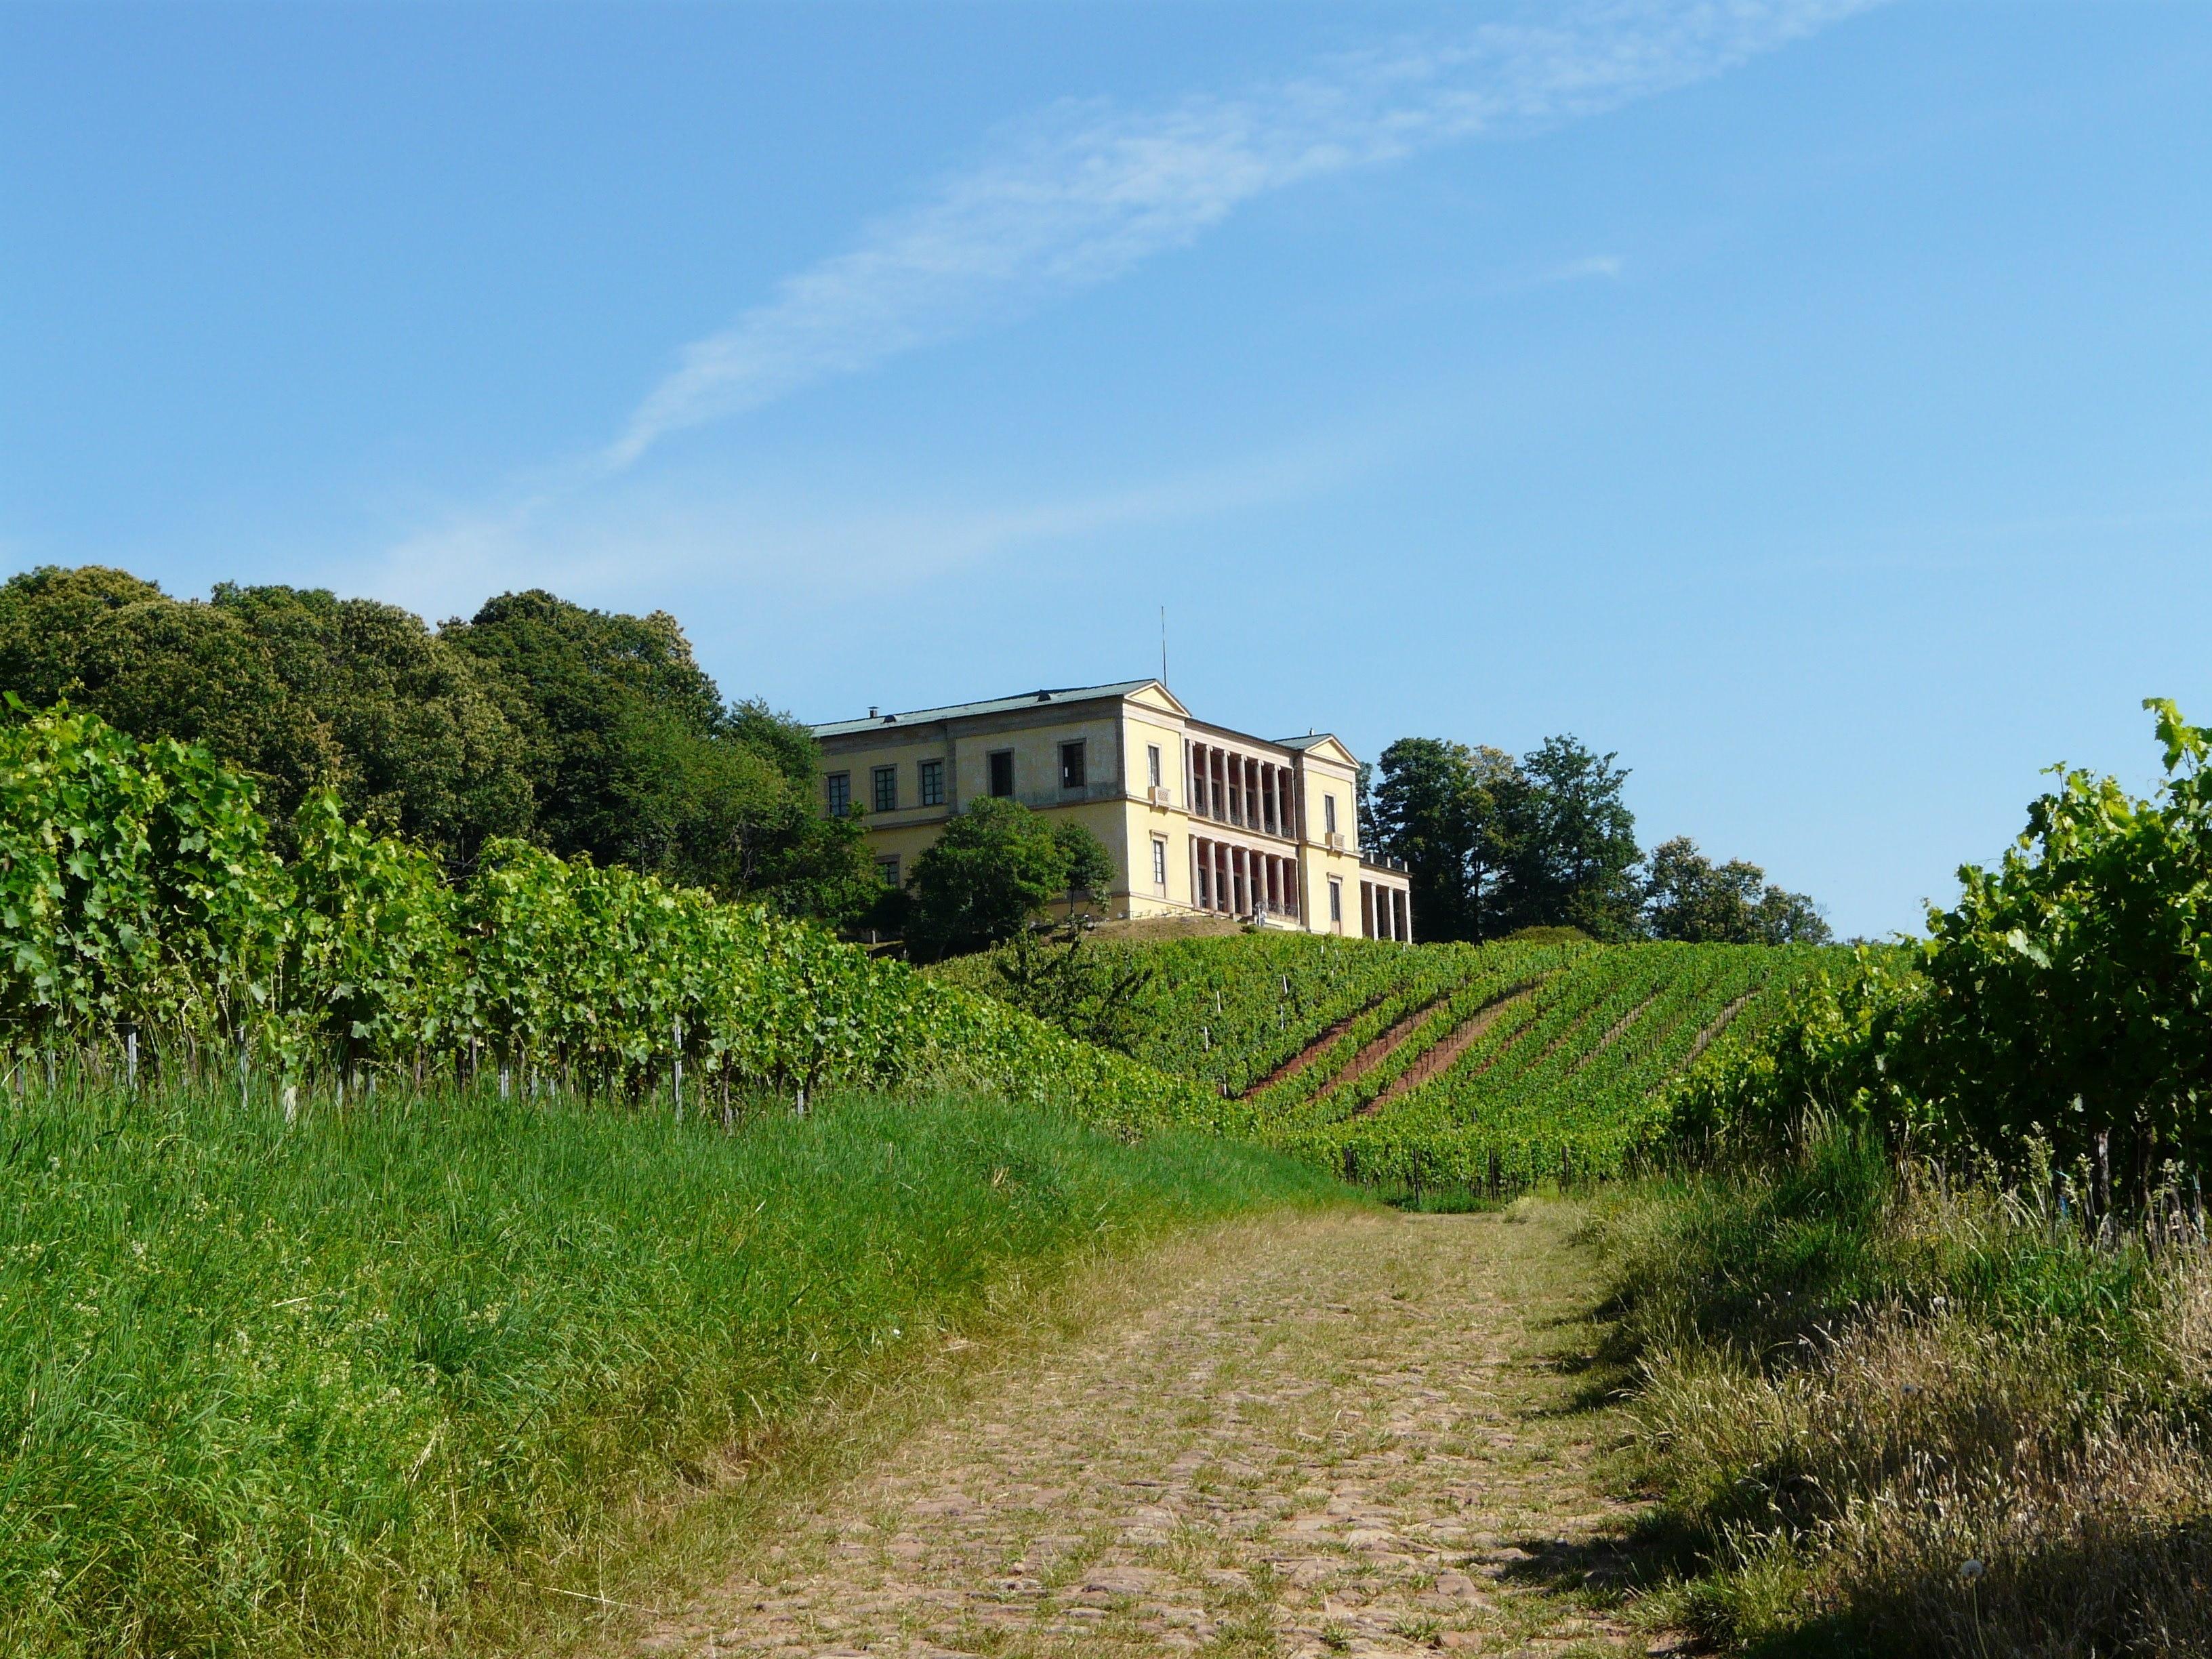 Südliche Weinstraße, Rhineland-Palatinate, Germany